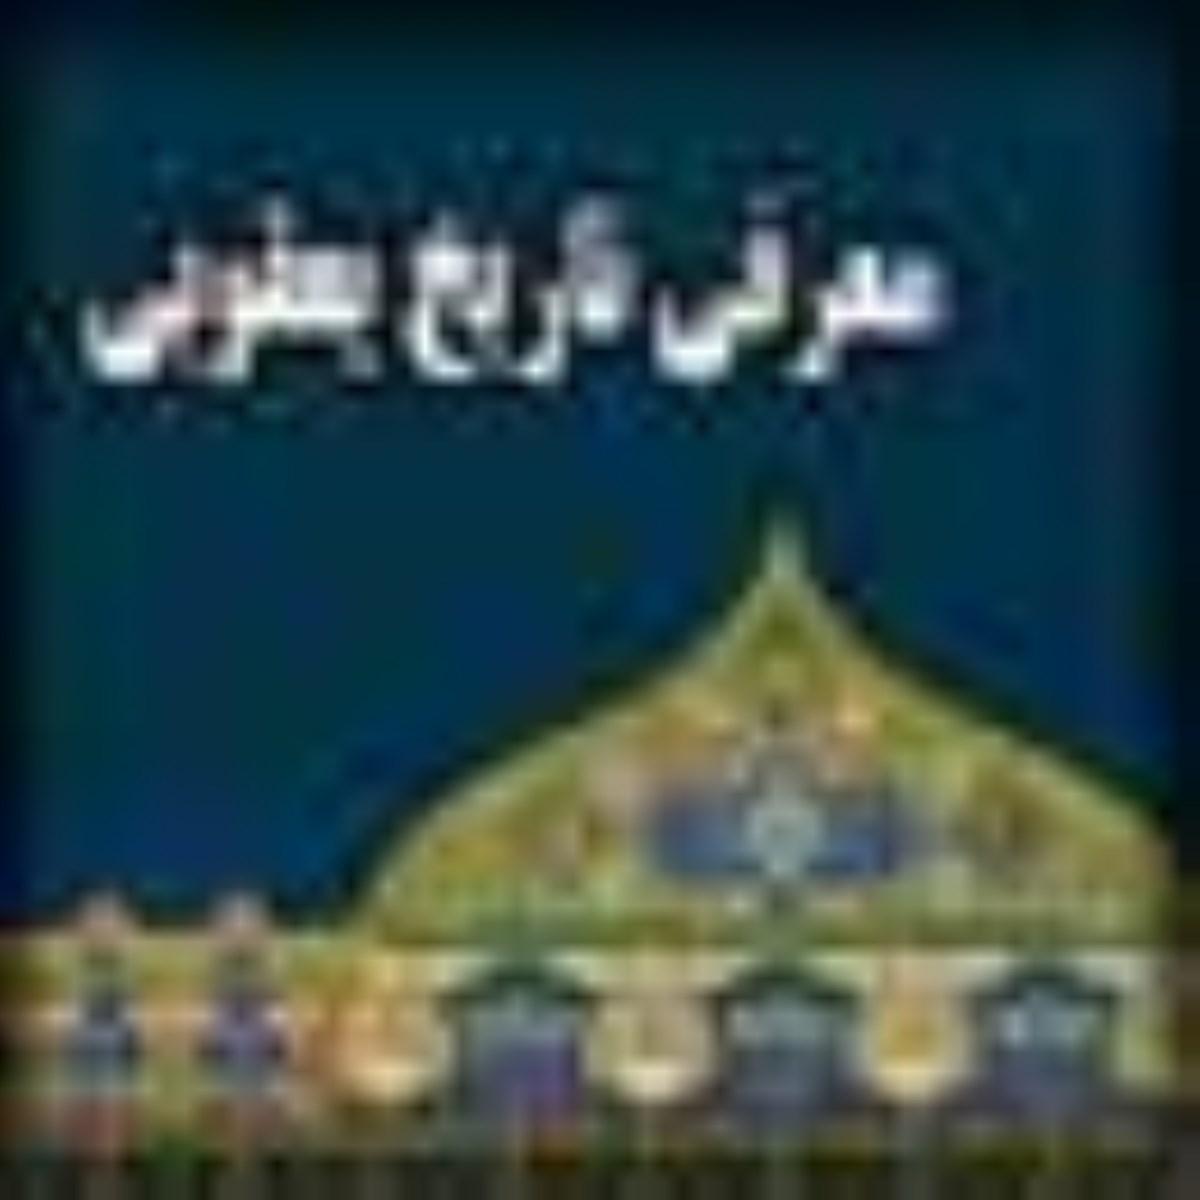 معرفی تاريخ يعقوبي(قرن سوم هجری)